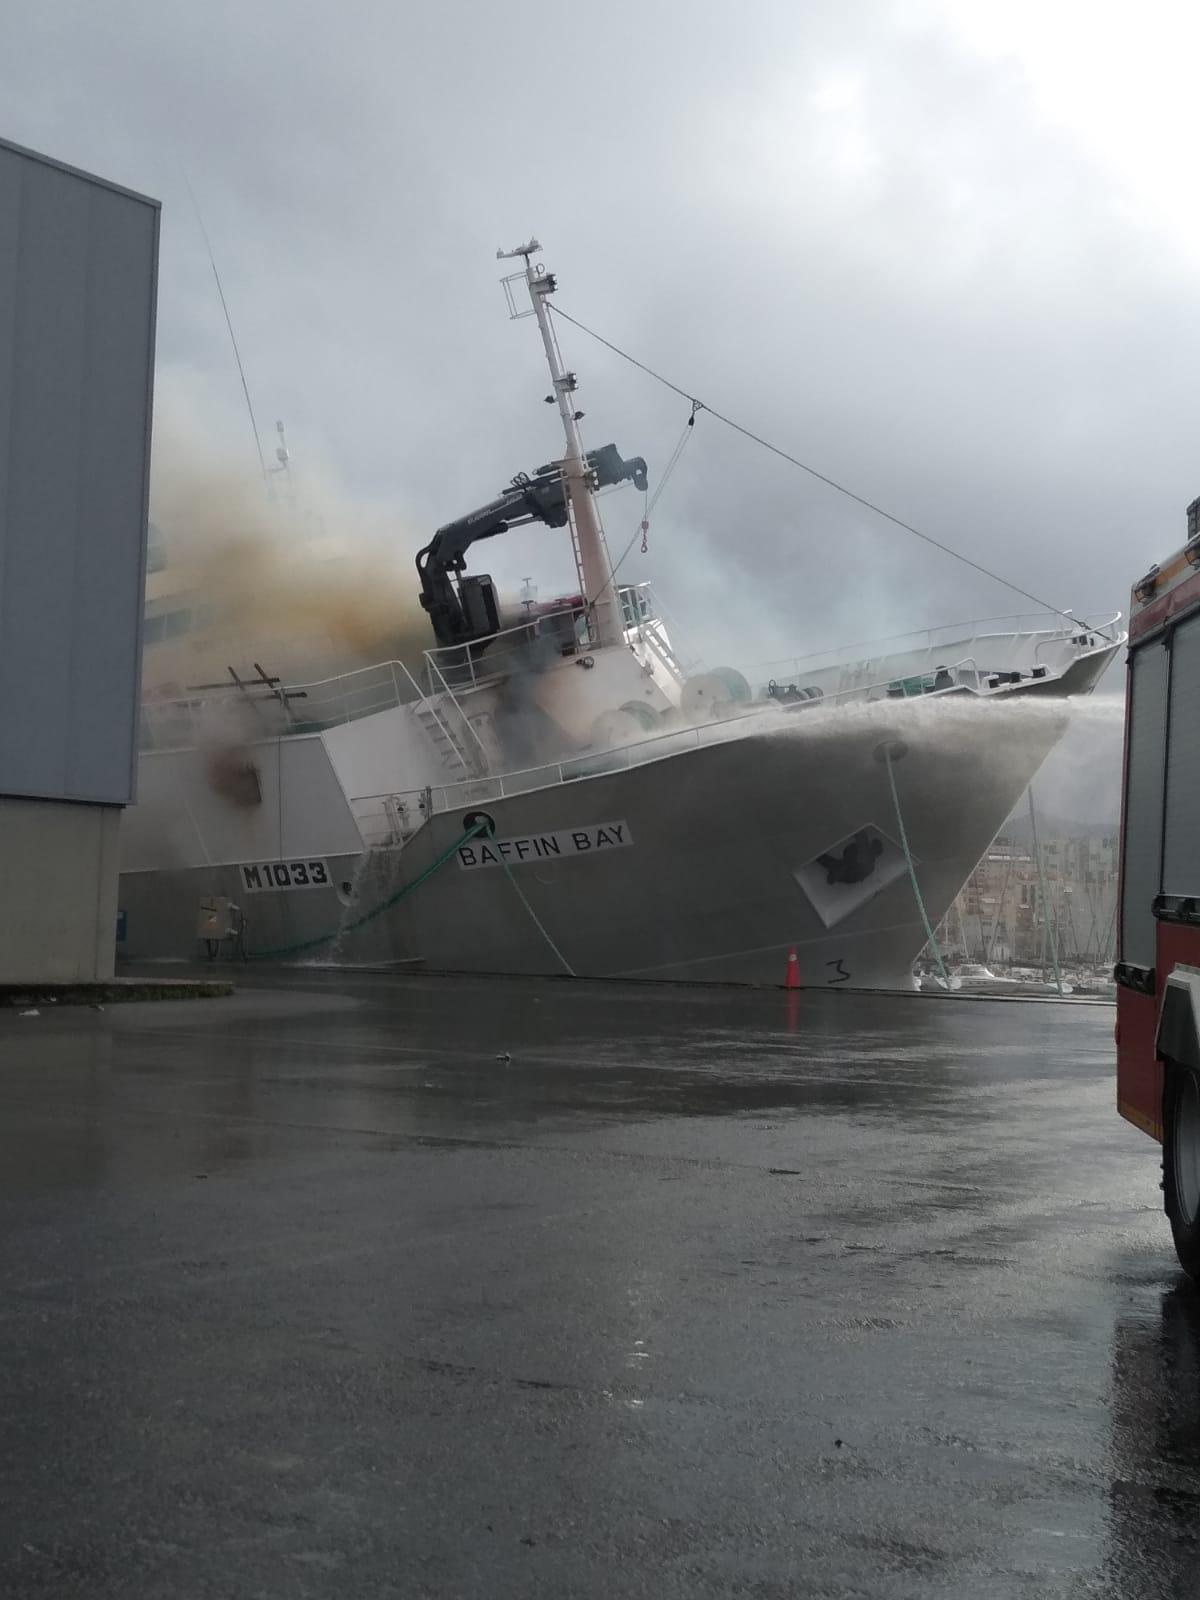 El pesquero Baffin Bay ardiendo en Vigo